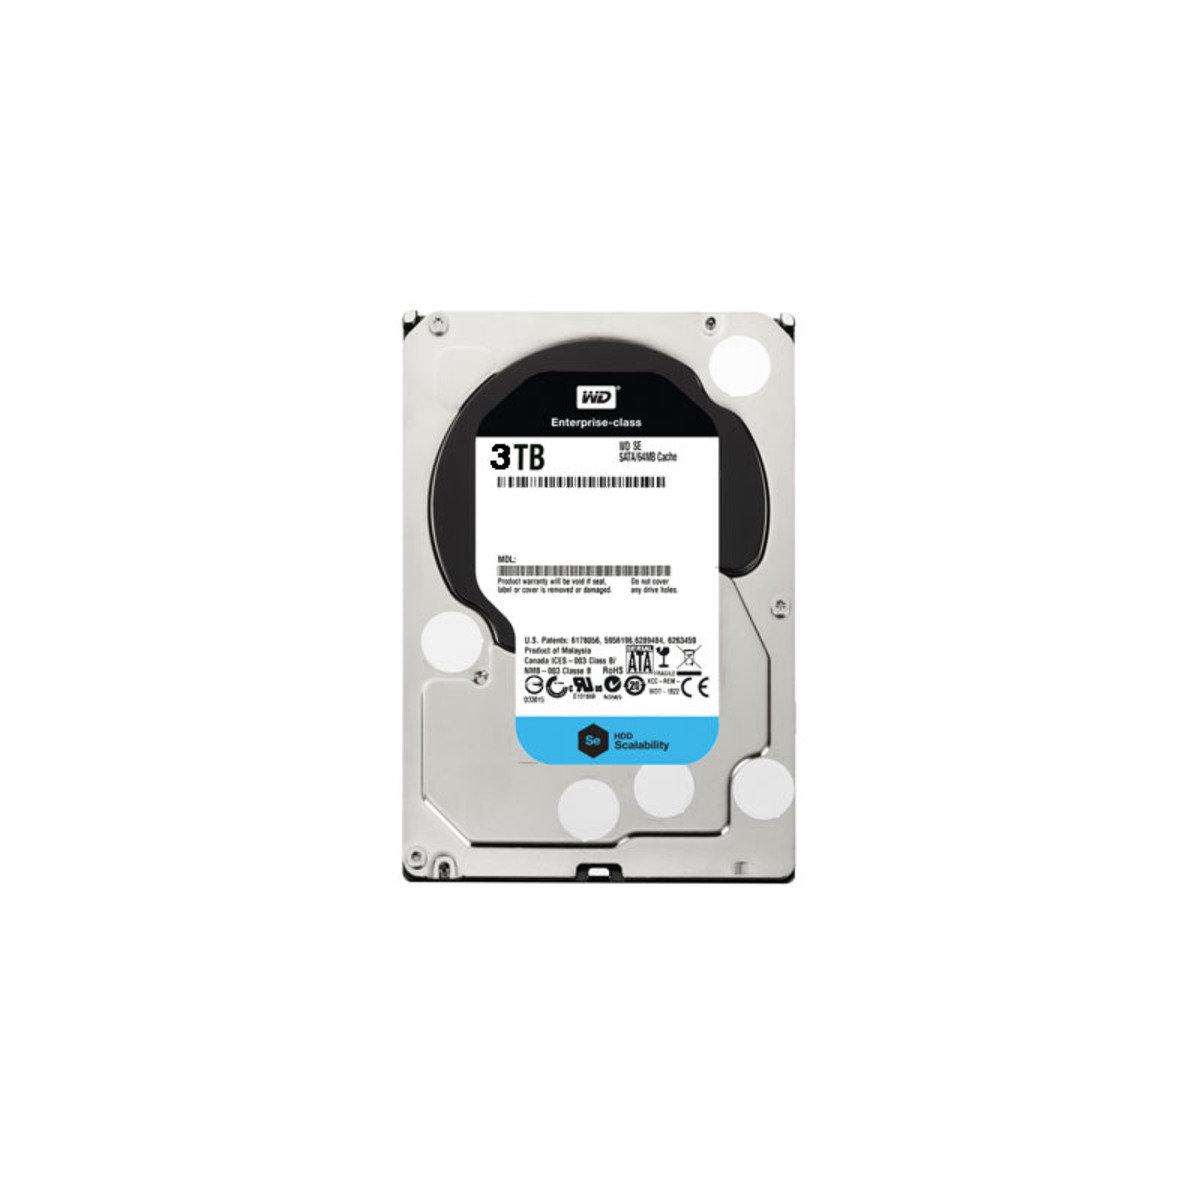 3.5 吋 DataCenter 3TB SATA 內置硬碟 SE WD3000F9YZ